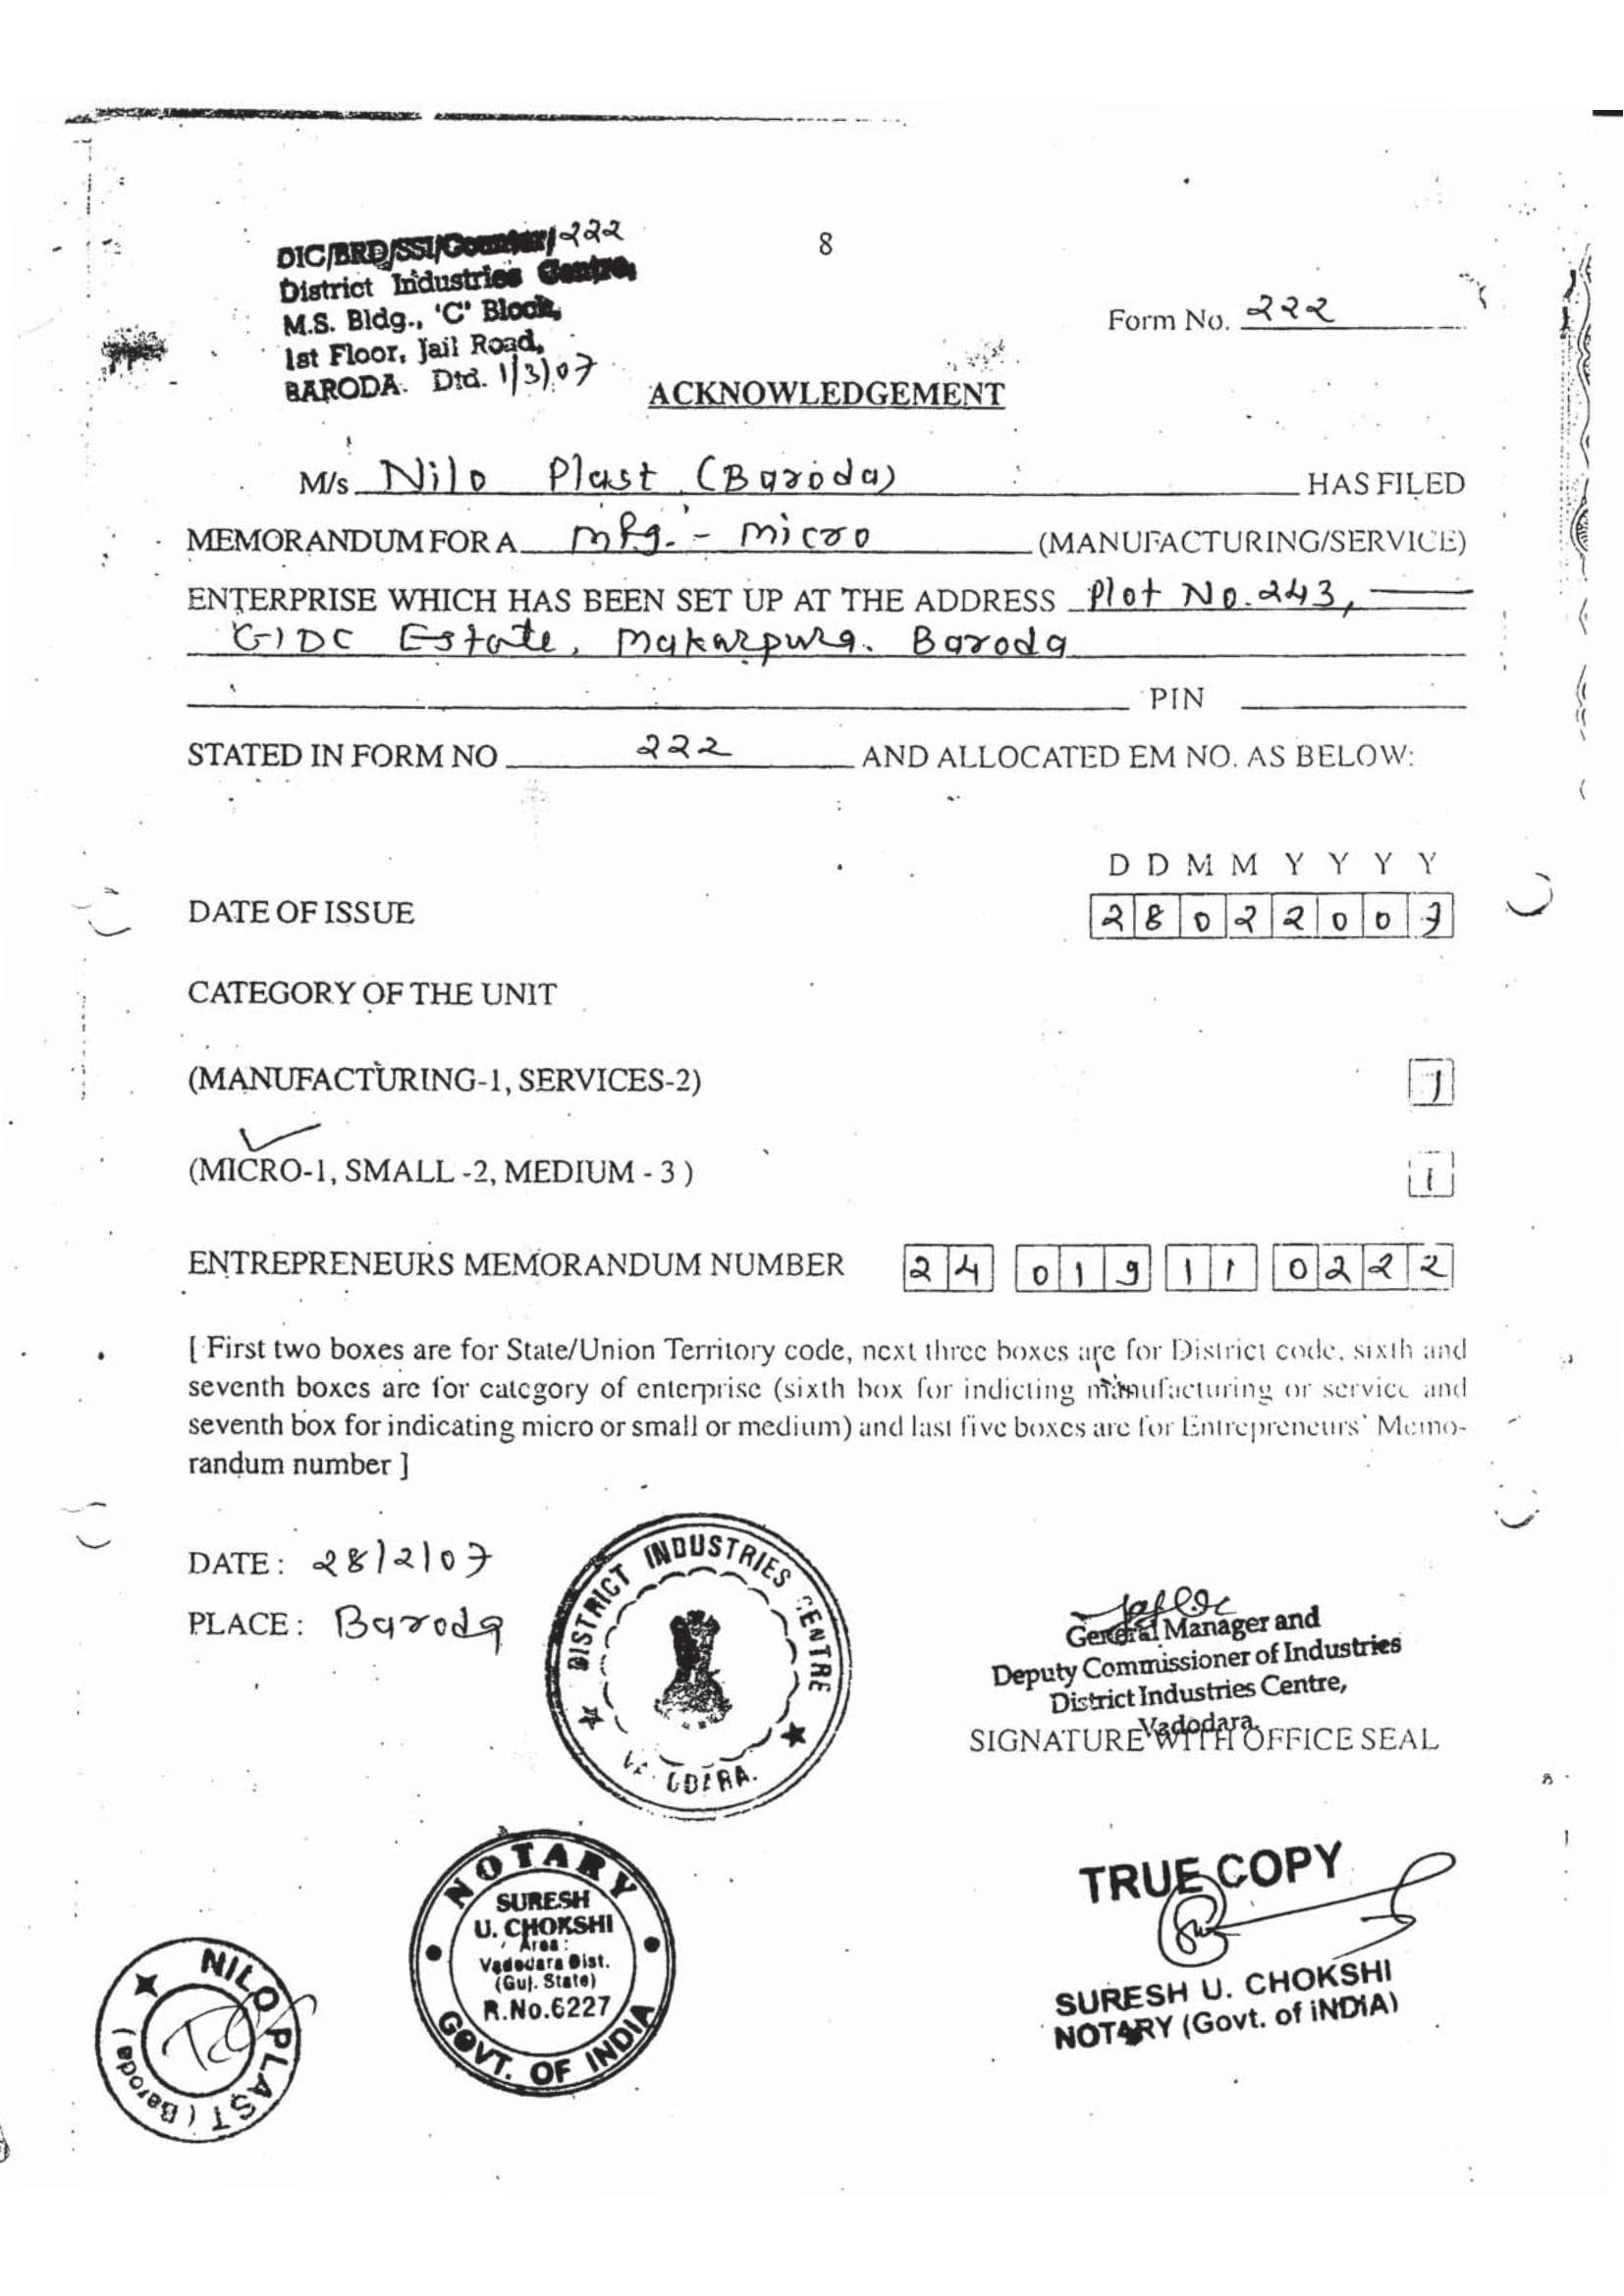 SSI Certificate